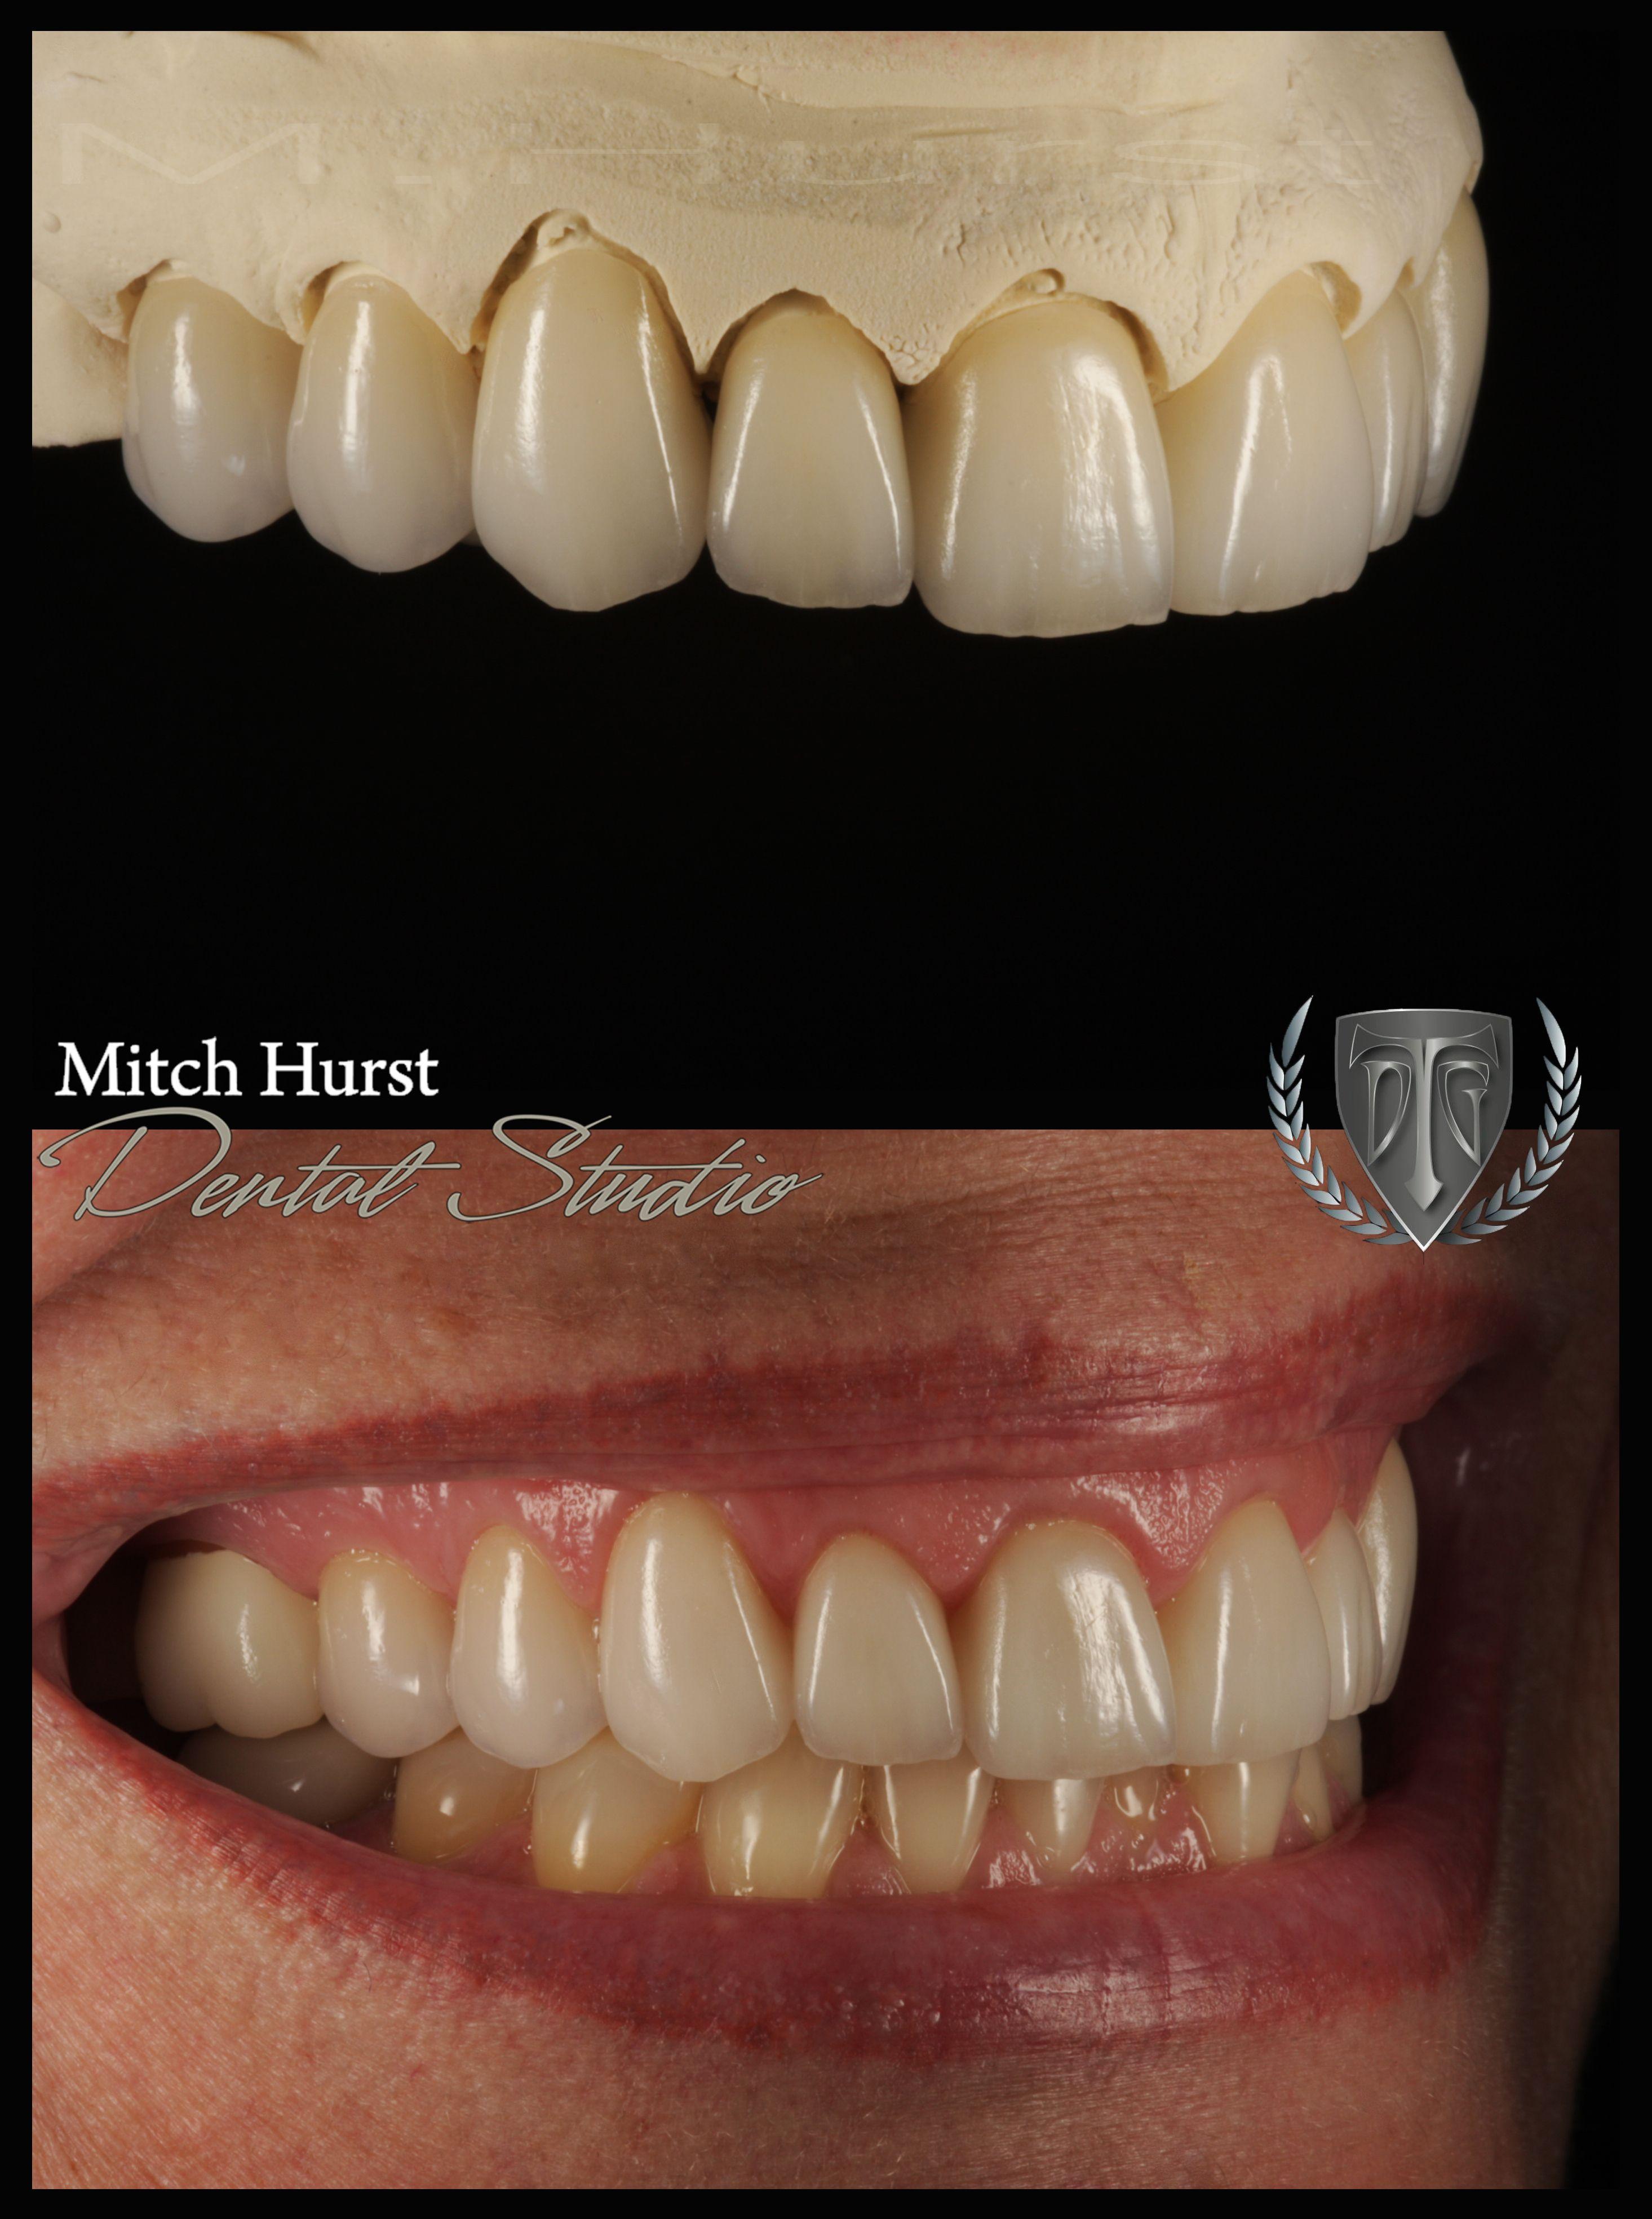 smile makeover, dental, cosmetic, beautiful. hurstdentalstudio.com ...